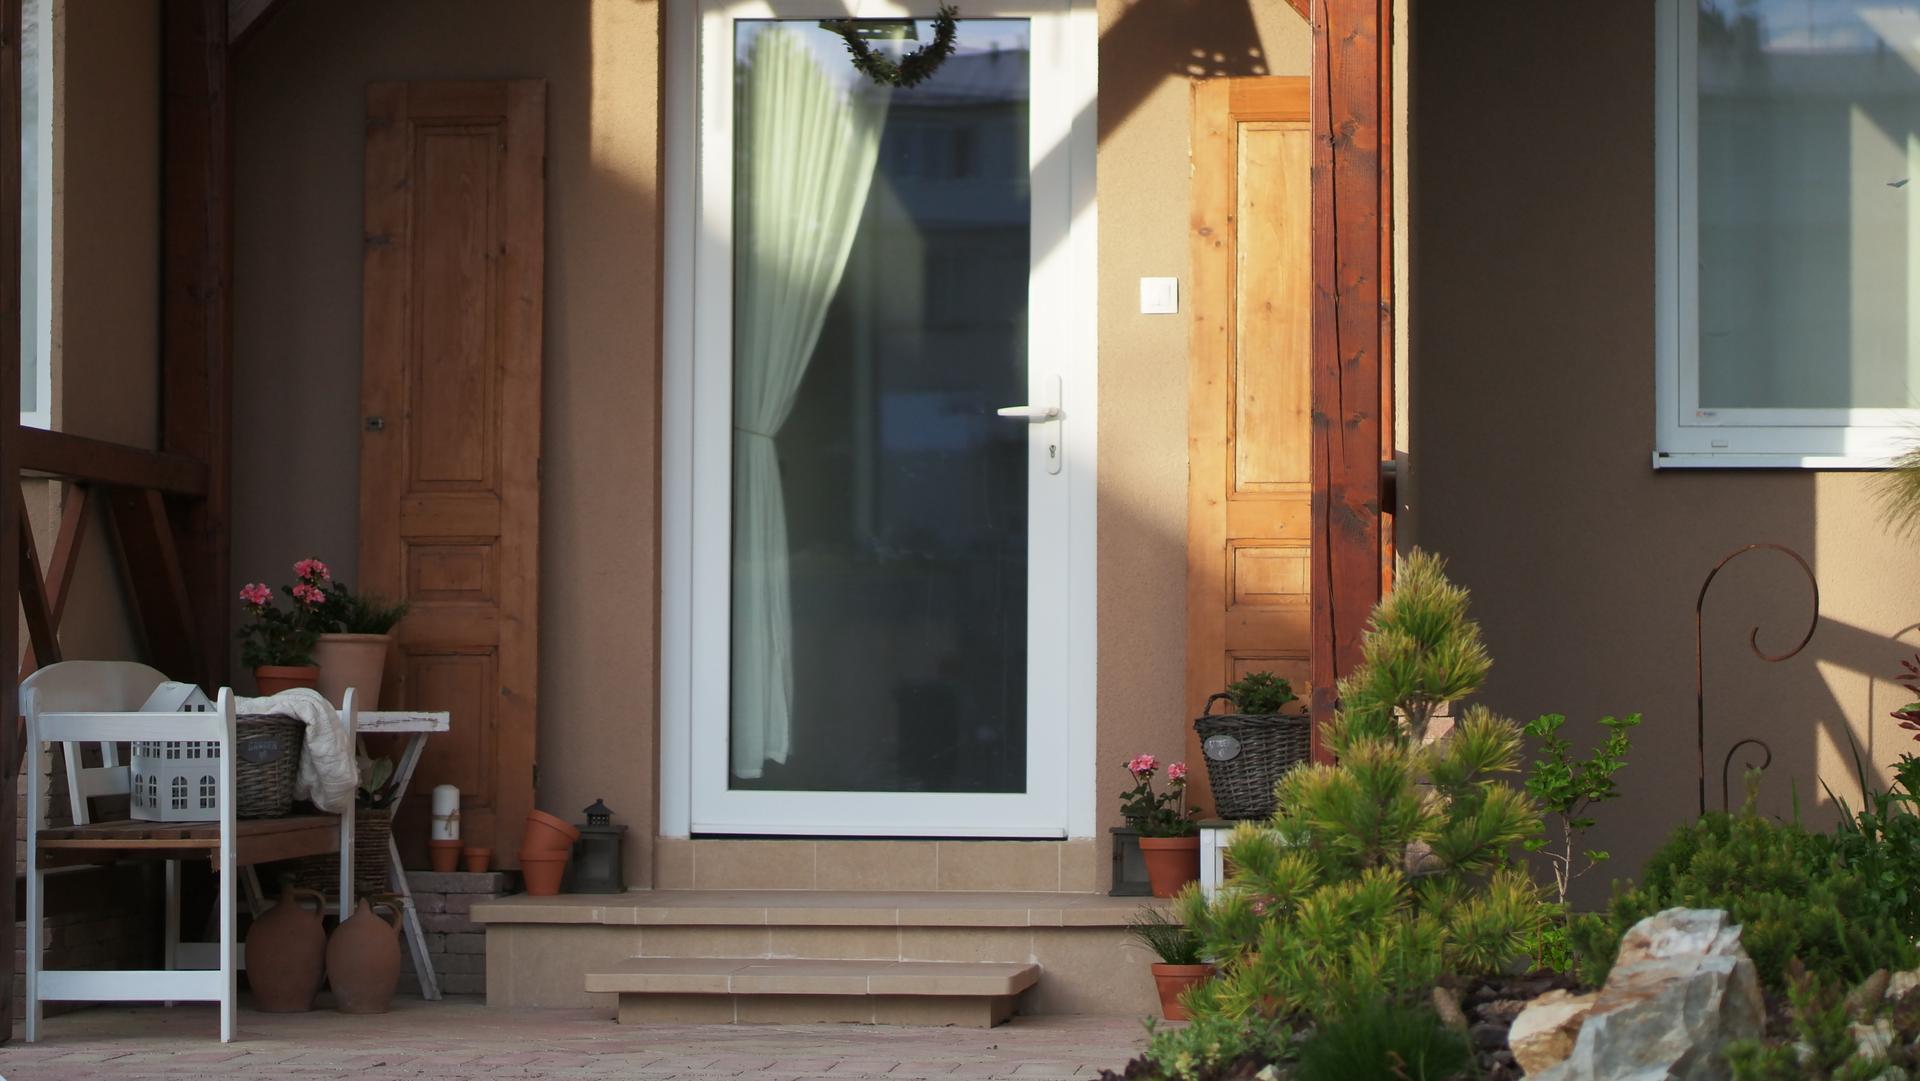 Náš domček ♡ Bramasole ♡ ... Stilo interiér aj exteriér 4. rok bývania - Obrázok č. 88